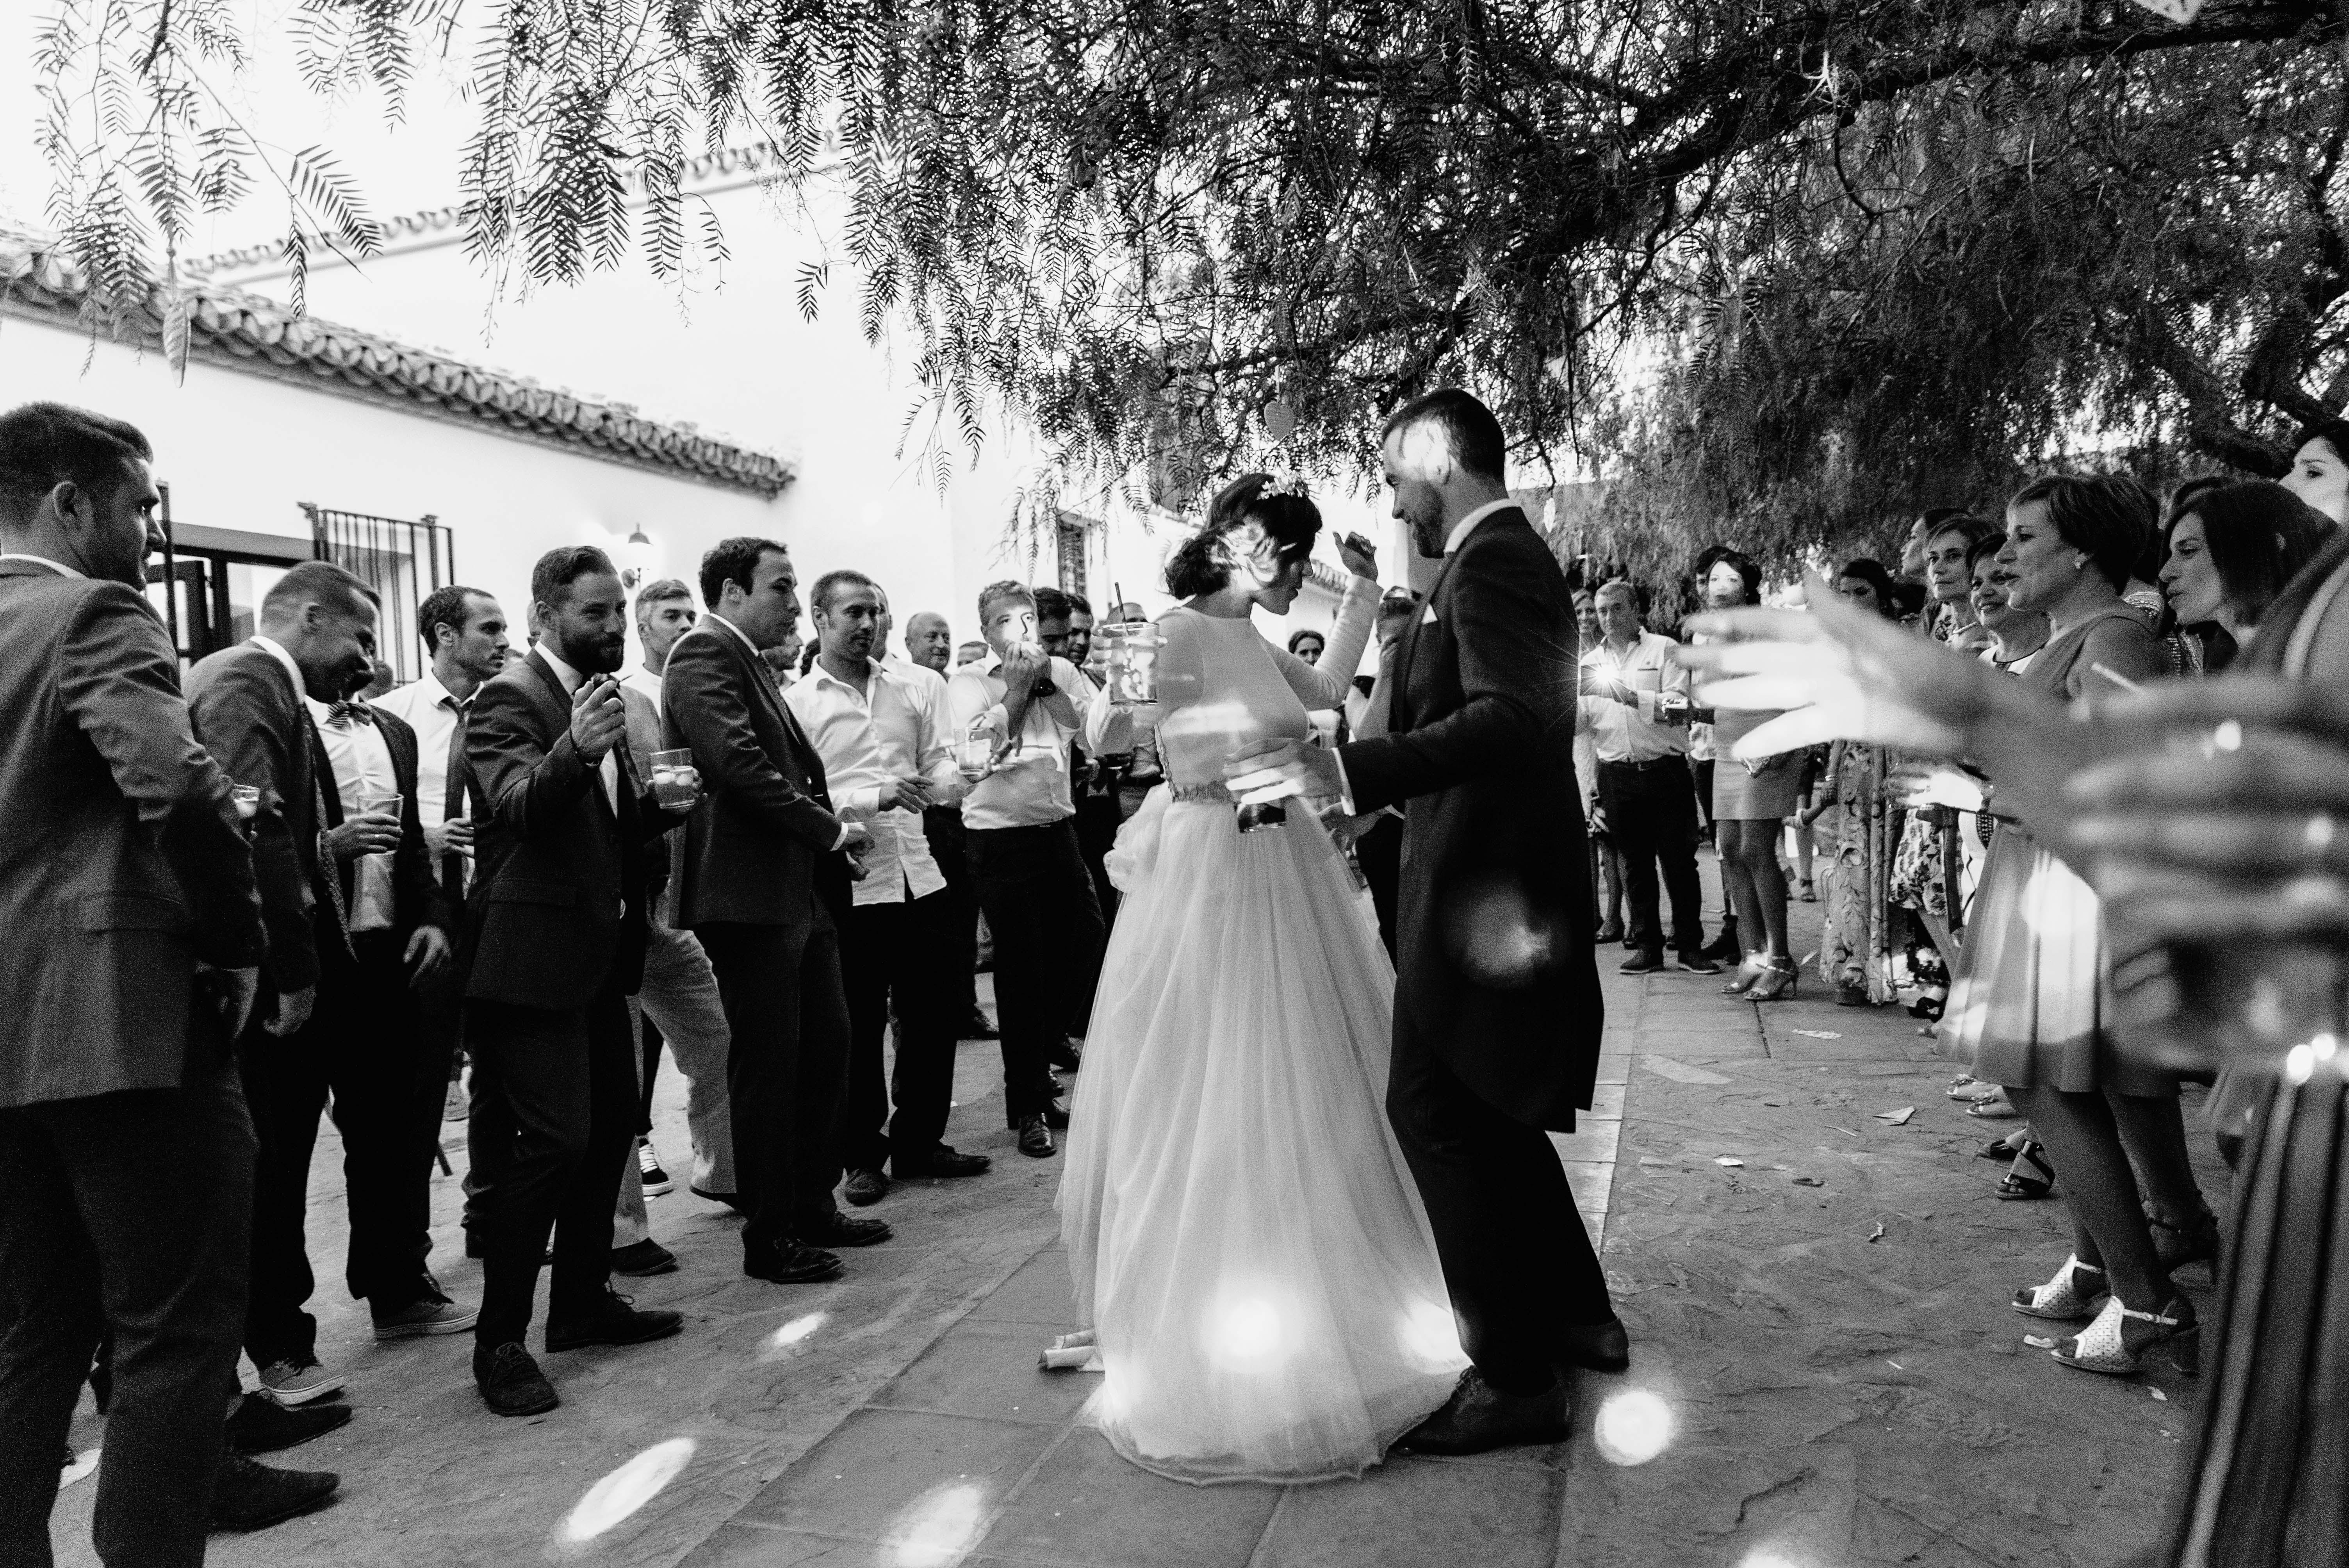 boda de Cris & Fran, una boda en Cortijo el Puntal emotiva, cercana con toques rusticos y vintage